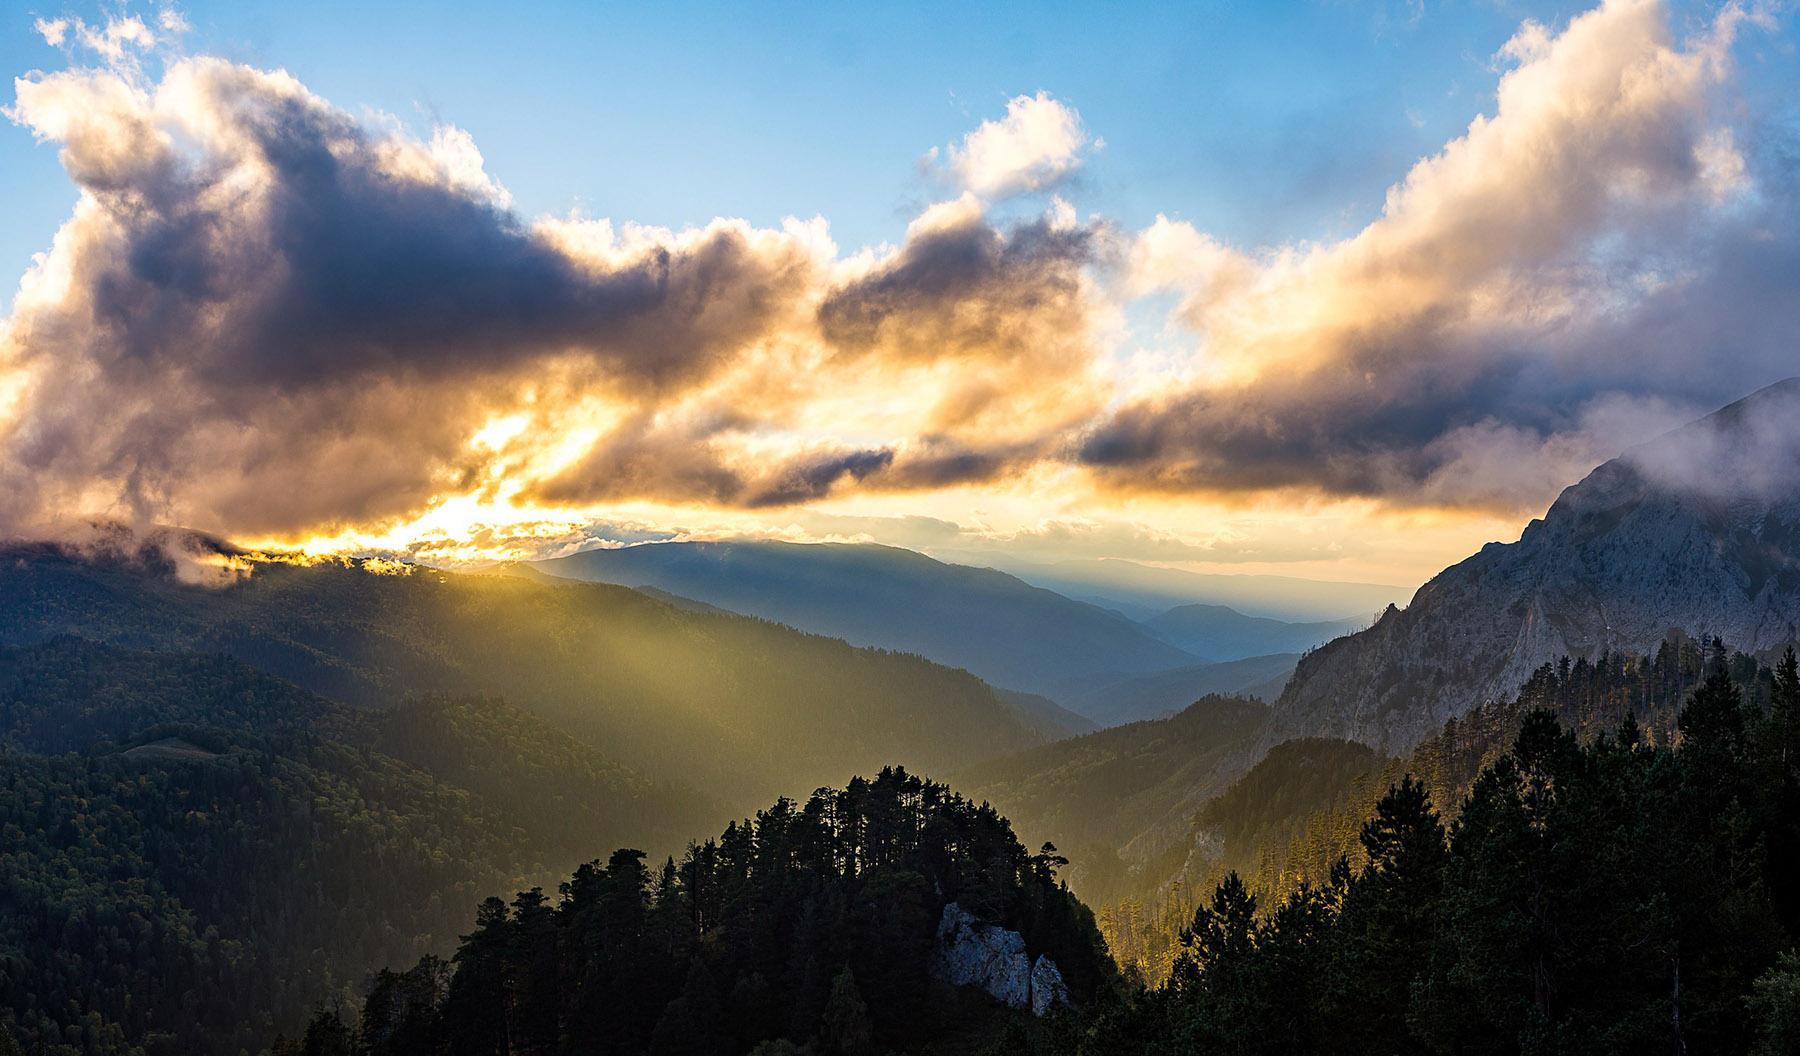 Долина реки Шиша в закатных лучах.